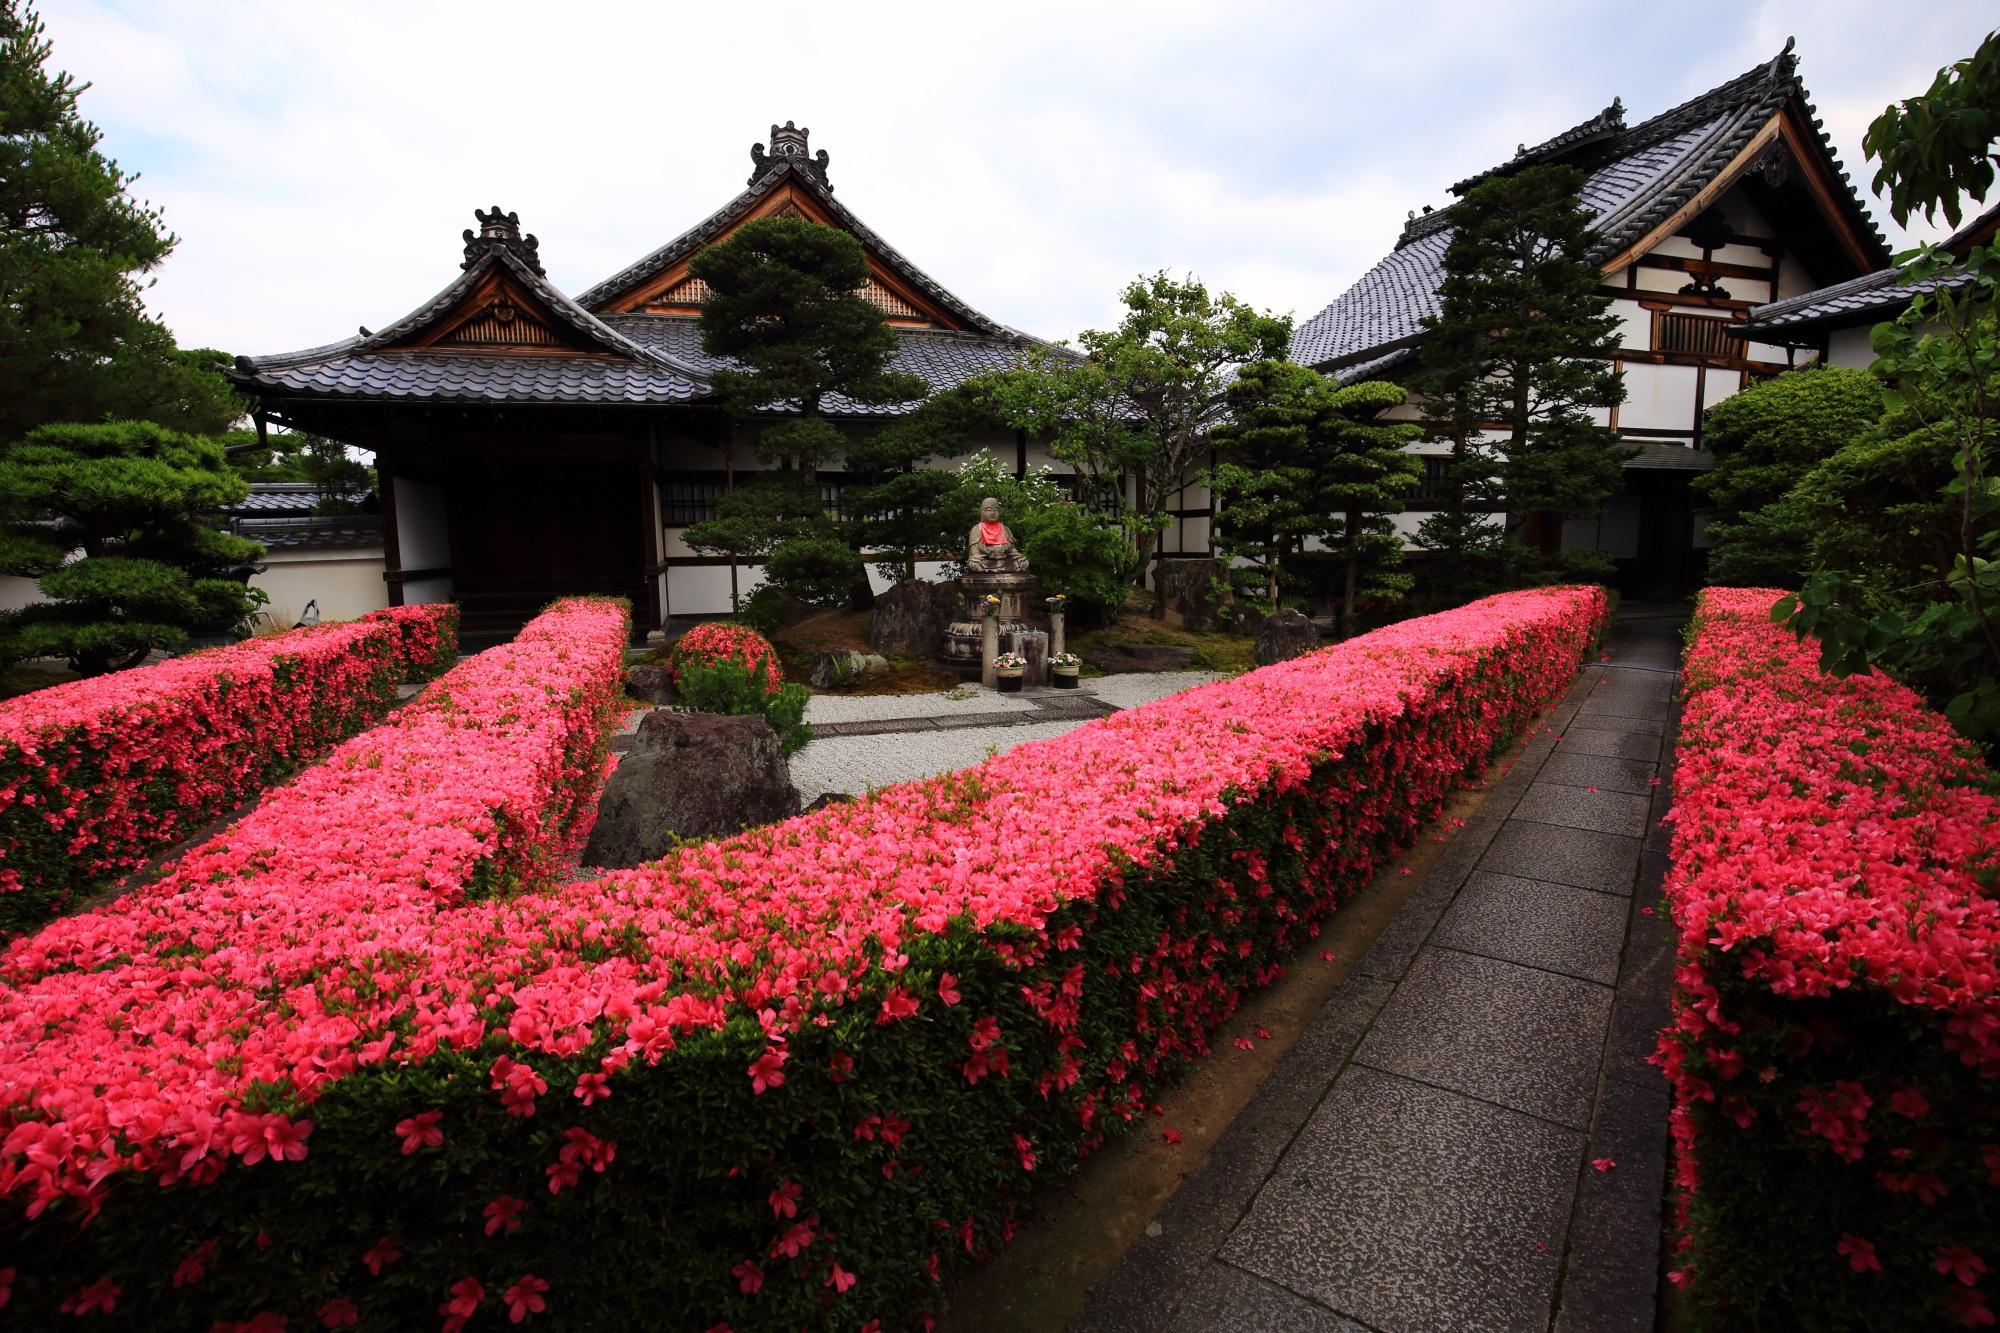 参道沿いの圧巻のピンクの皐月の生垣